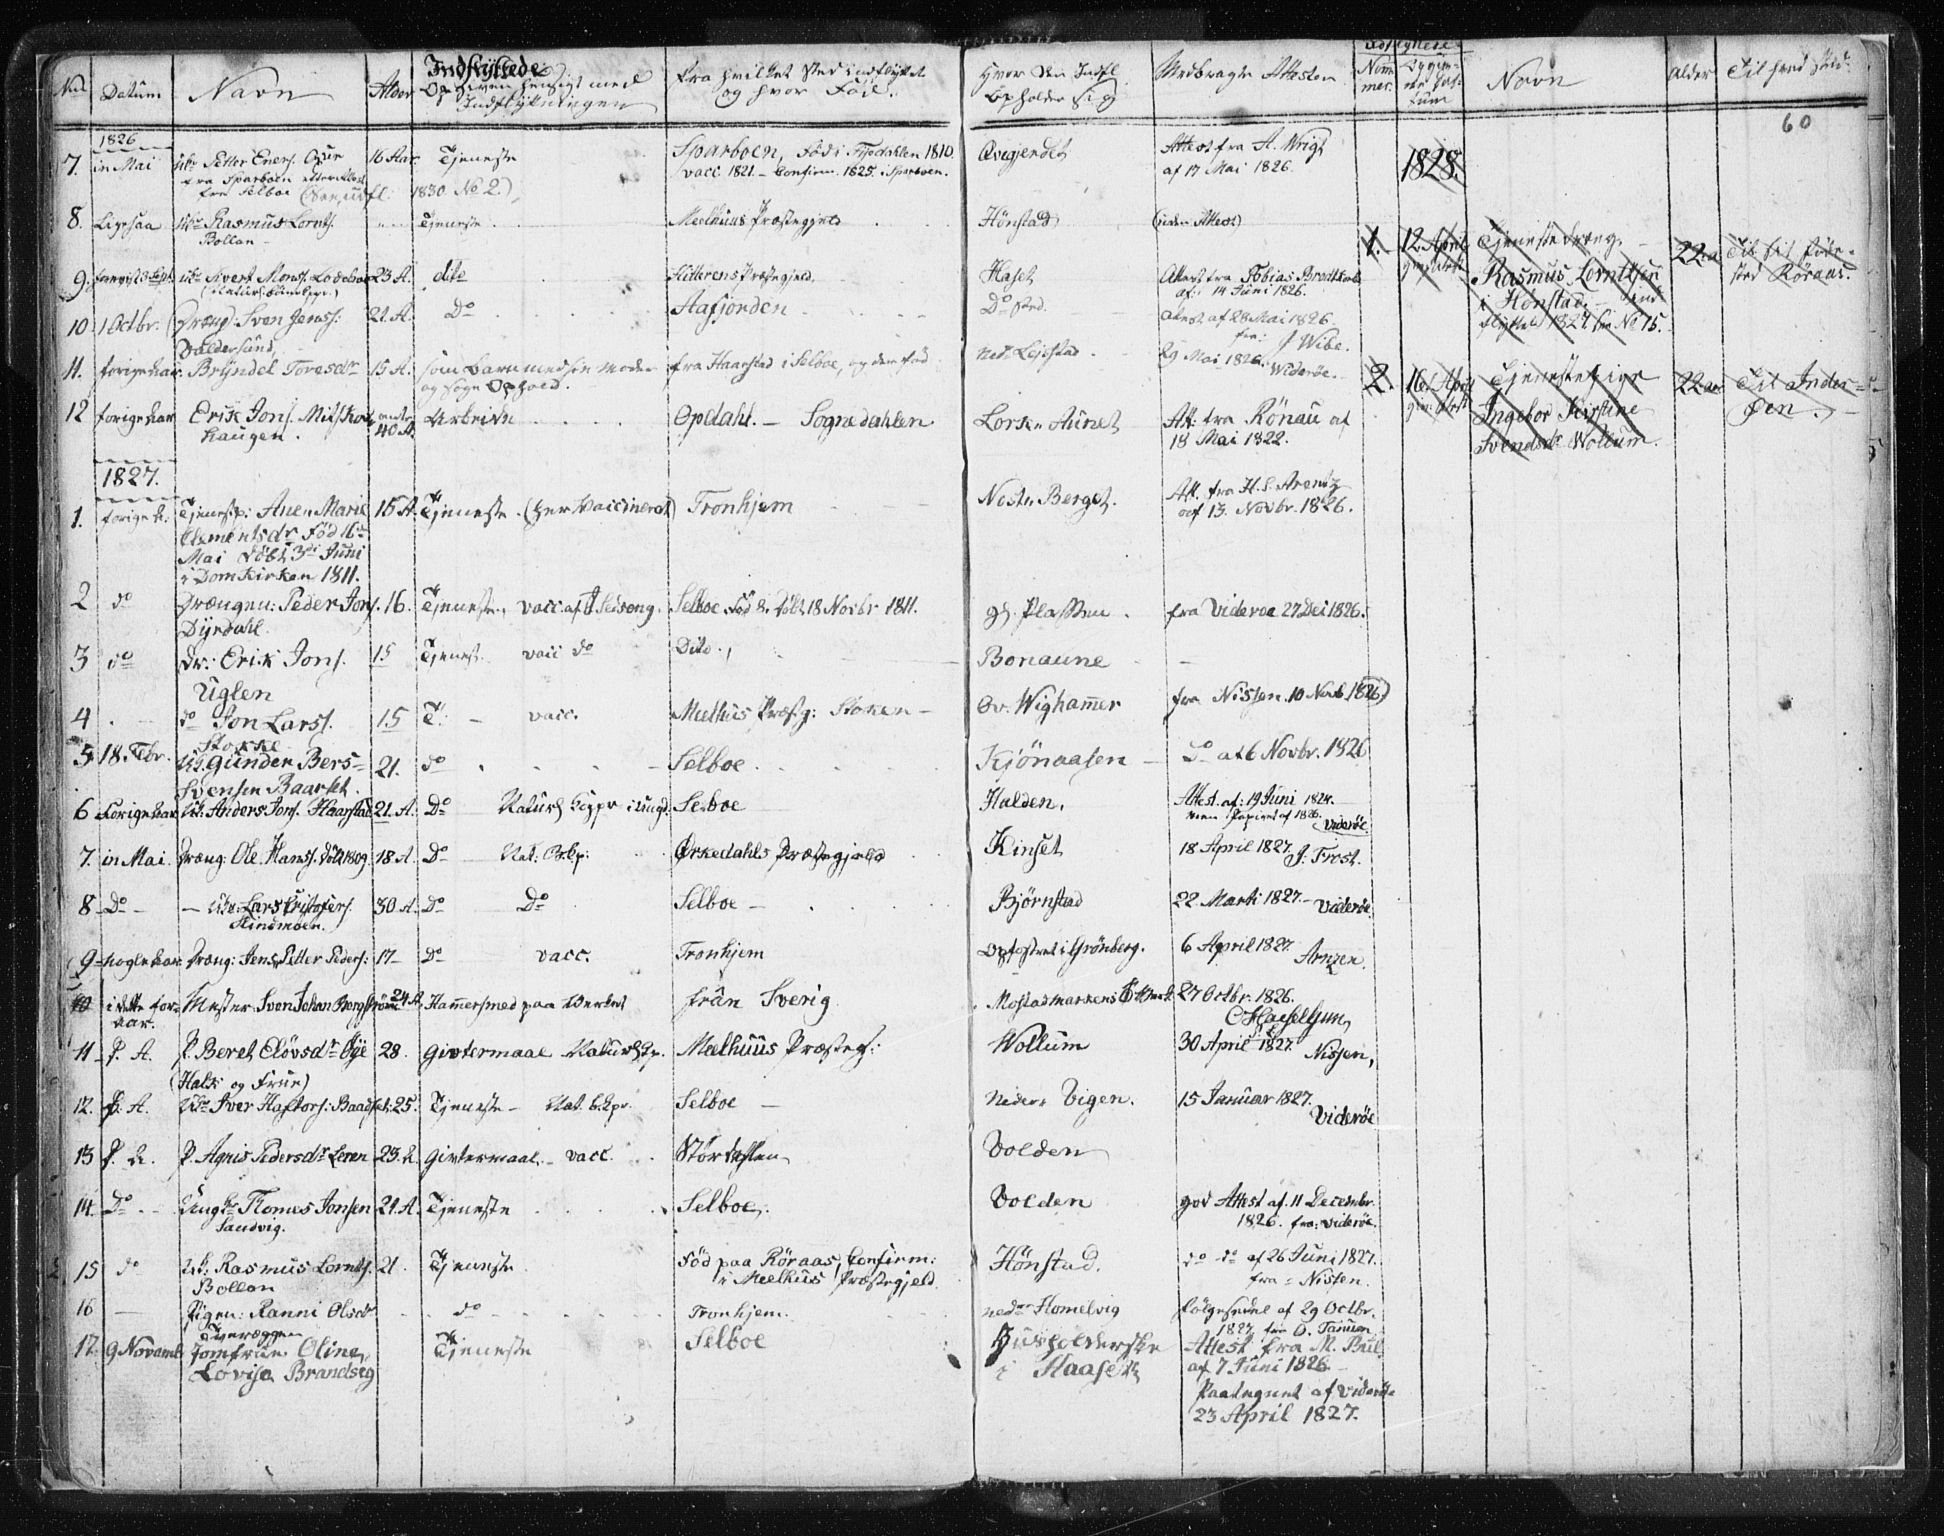 SAT, Ministerialprotokoller, klokkerbøker og fødselsregistre - Sør-Trøndelag, 616/L0404: Ministerialbok nr. 616A01, 1823-1831, s. 60